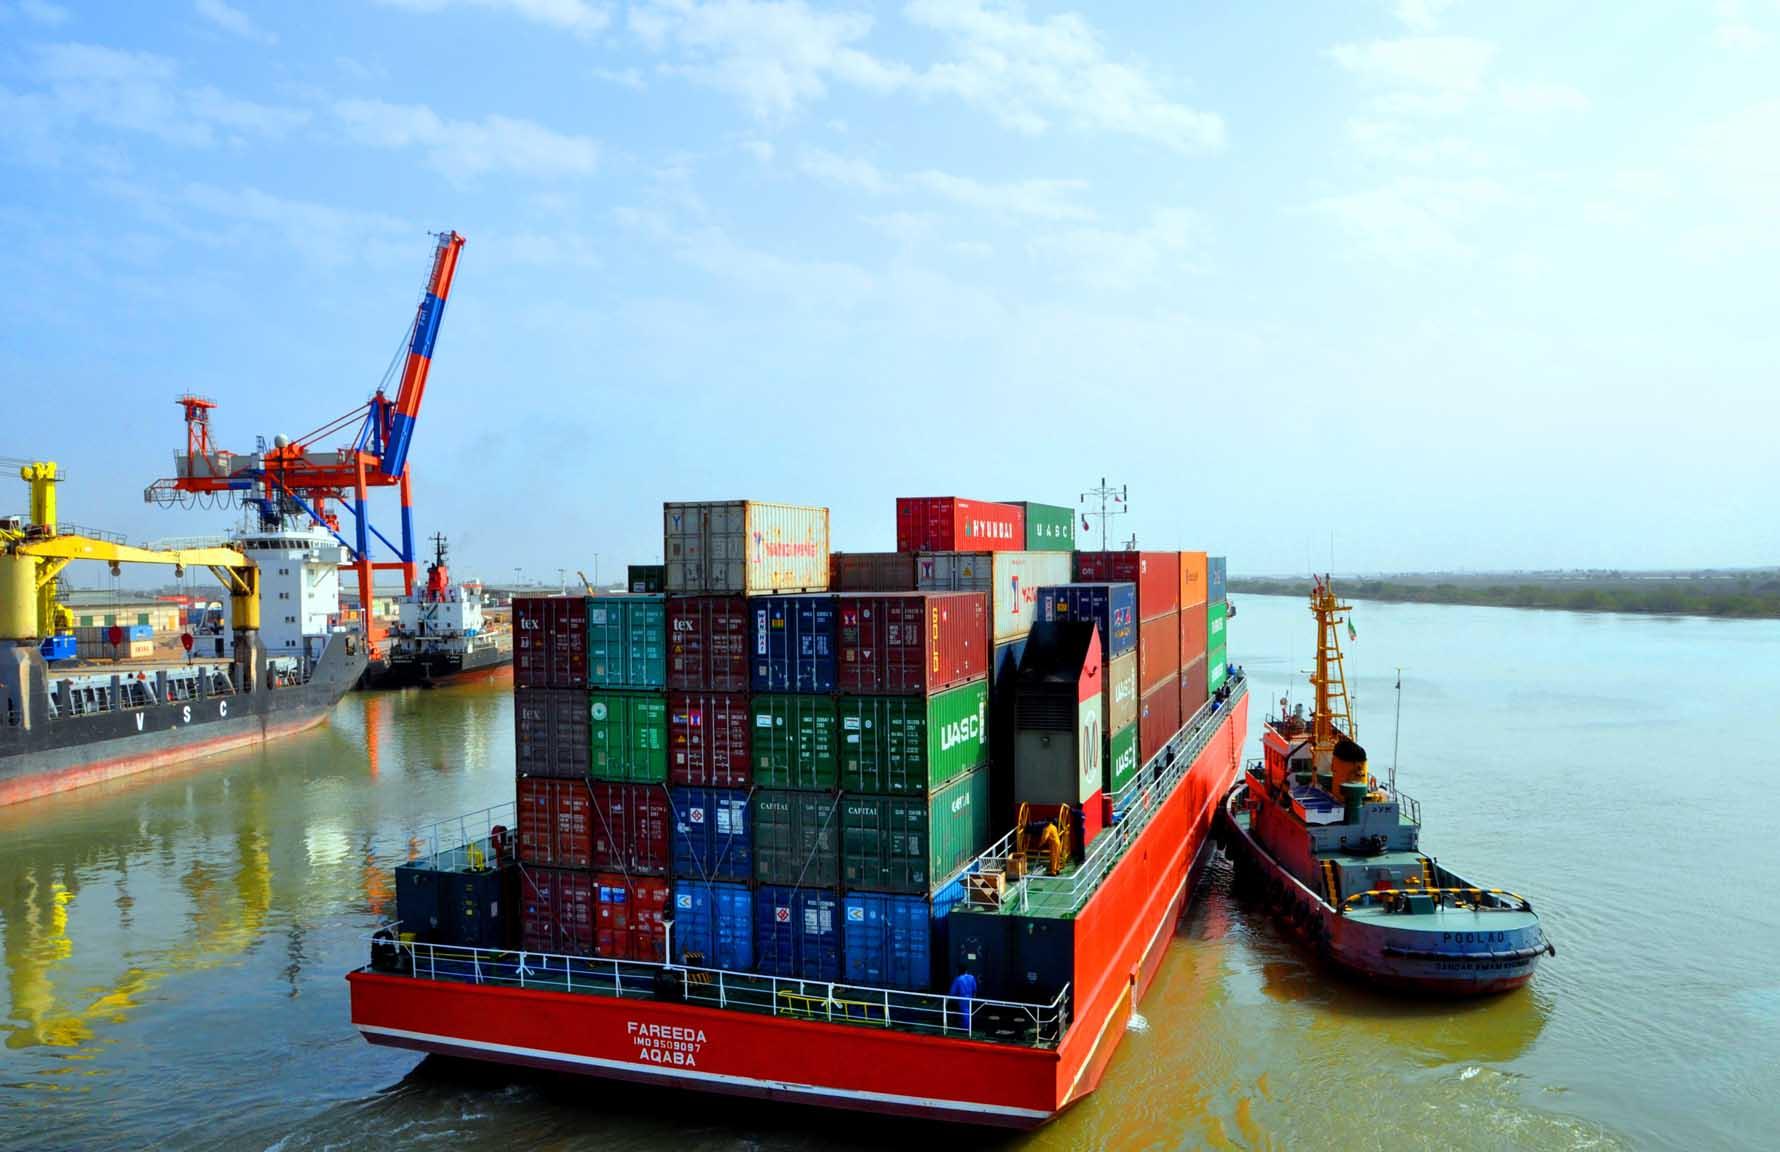 تداوم صادرات کالا از منطقه آزاد اروند